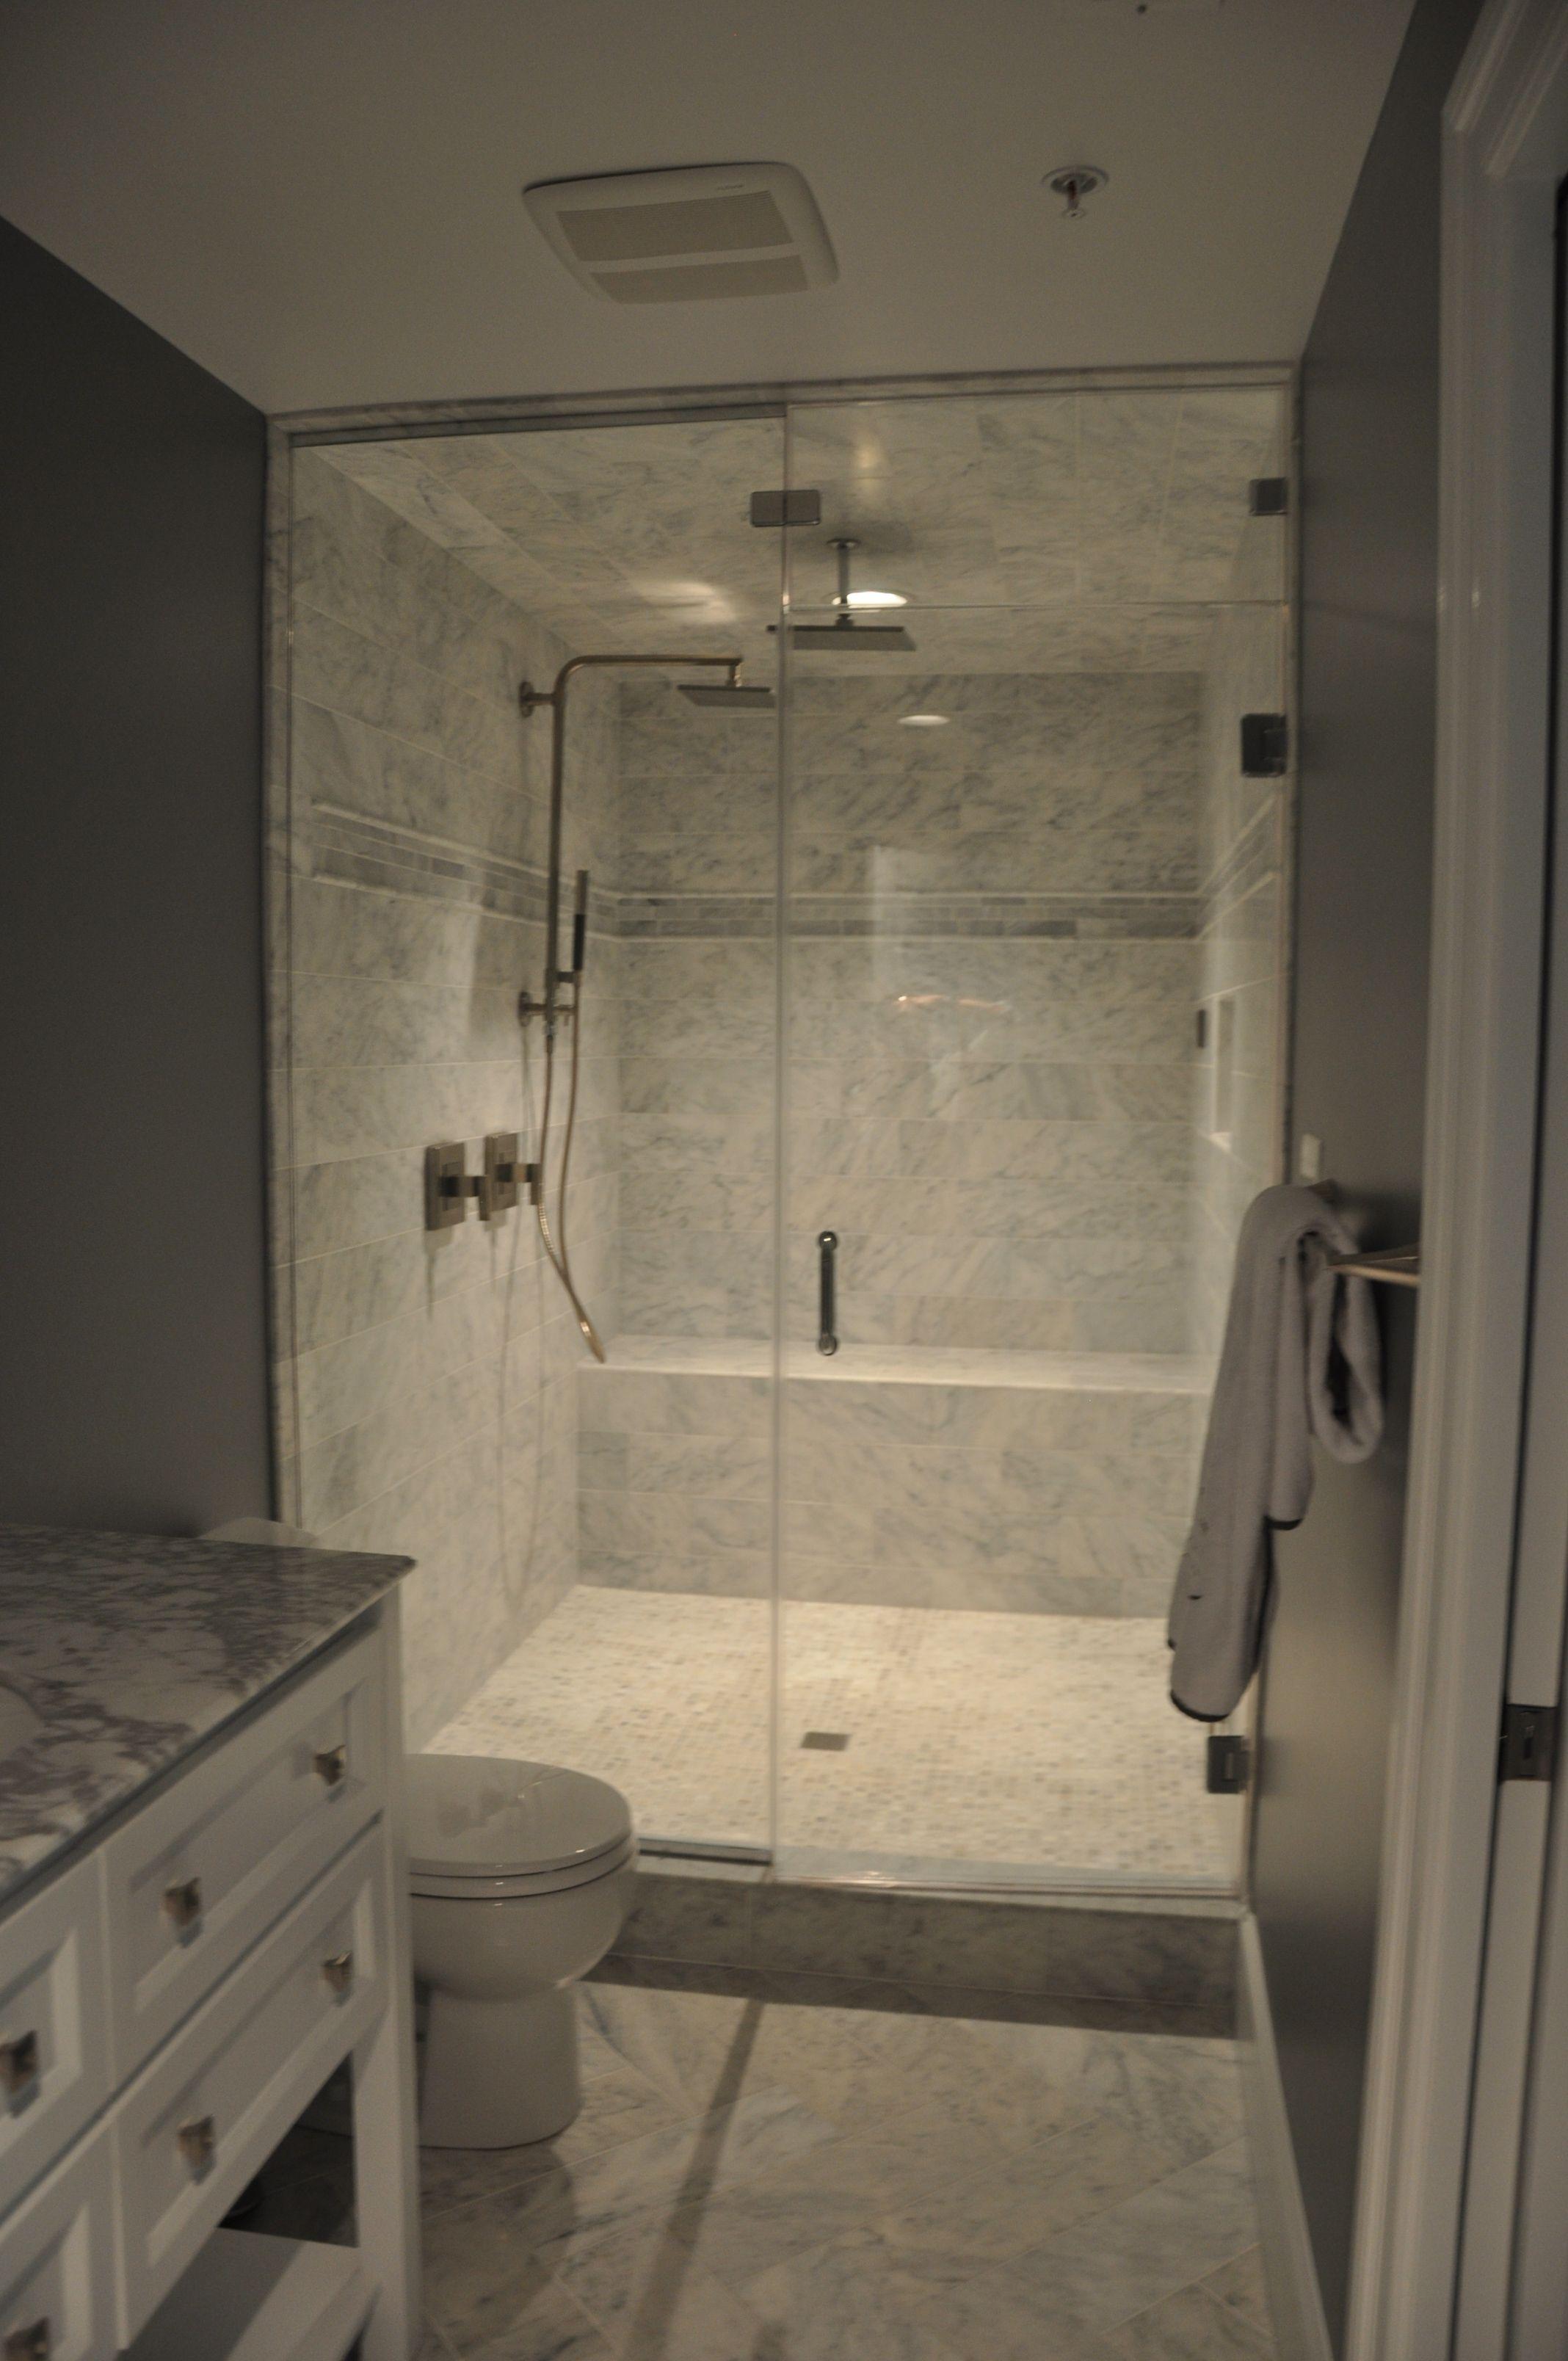 bathroom remodeling baltimore md. Award Of Excellence Bathroom Remodel $25,000-$50,000 (Kohler Remodel) Bluehouse Architecture, LLC Remodeling Baltimore Md